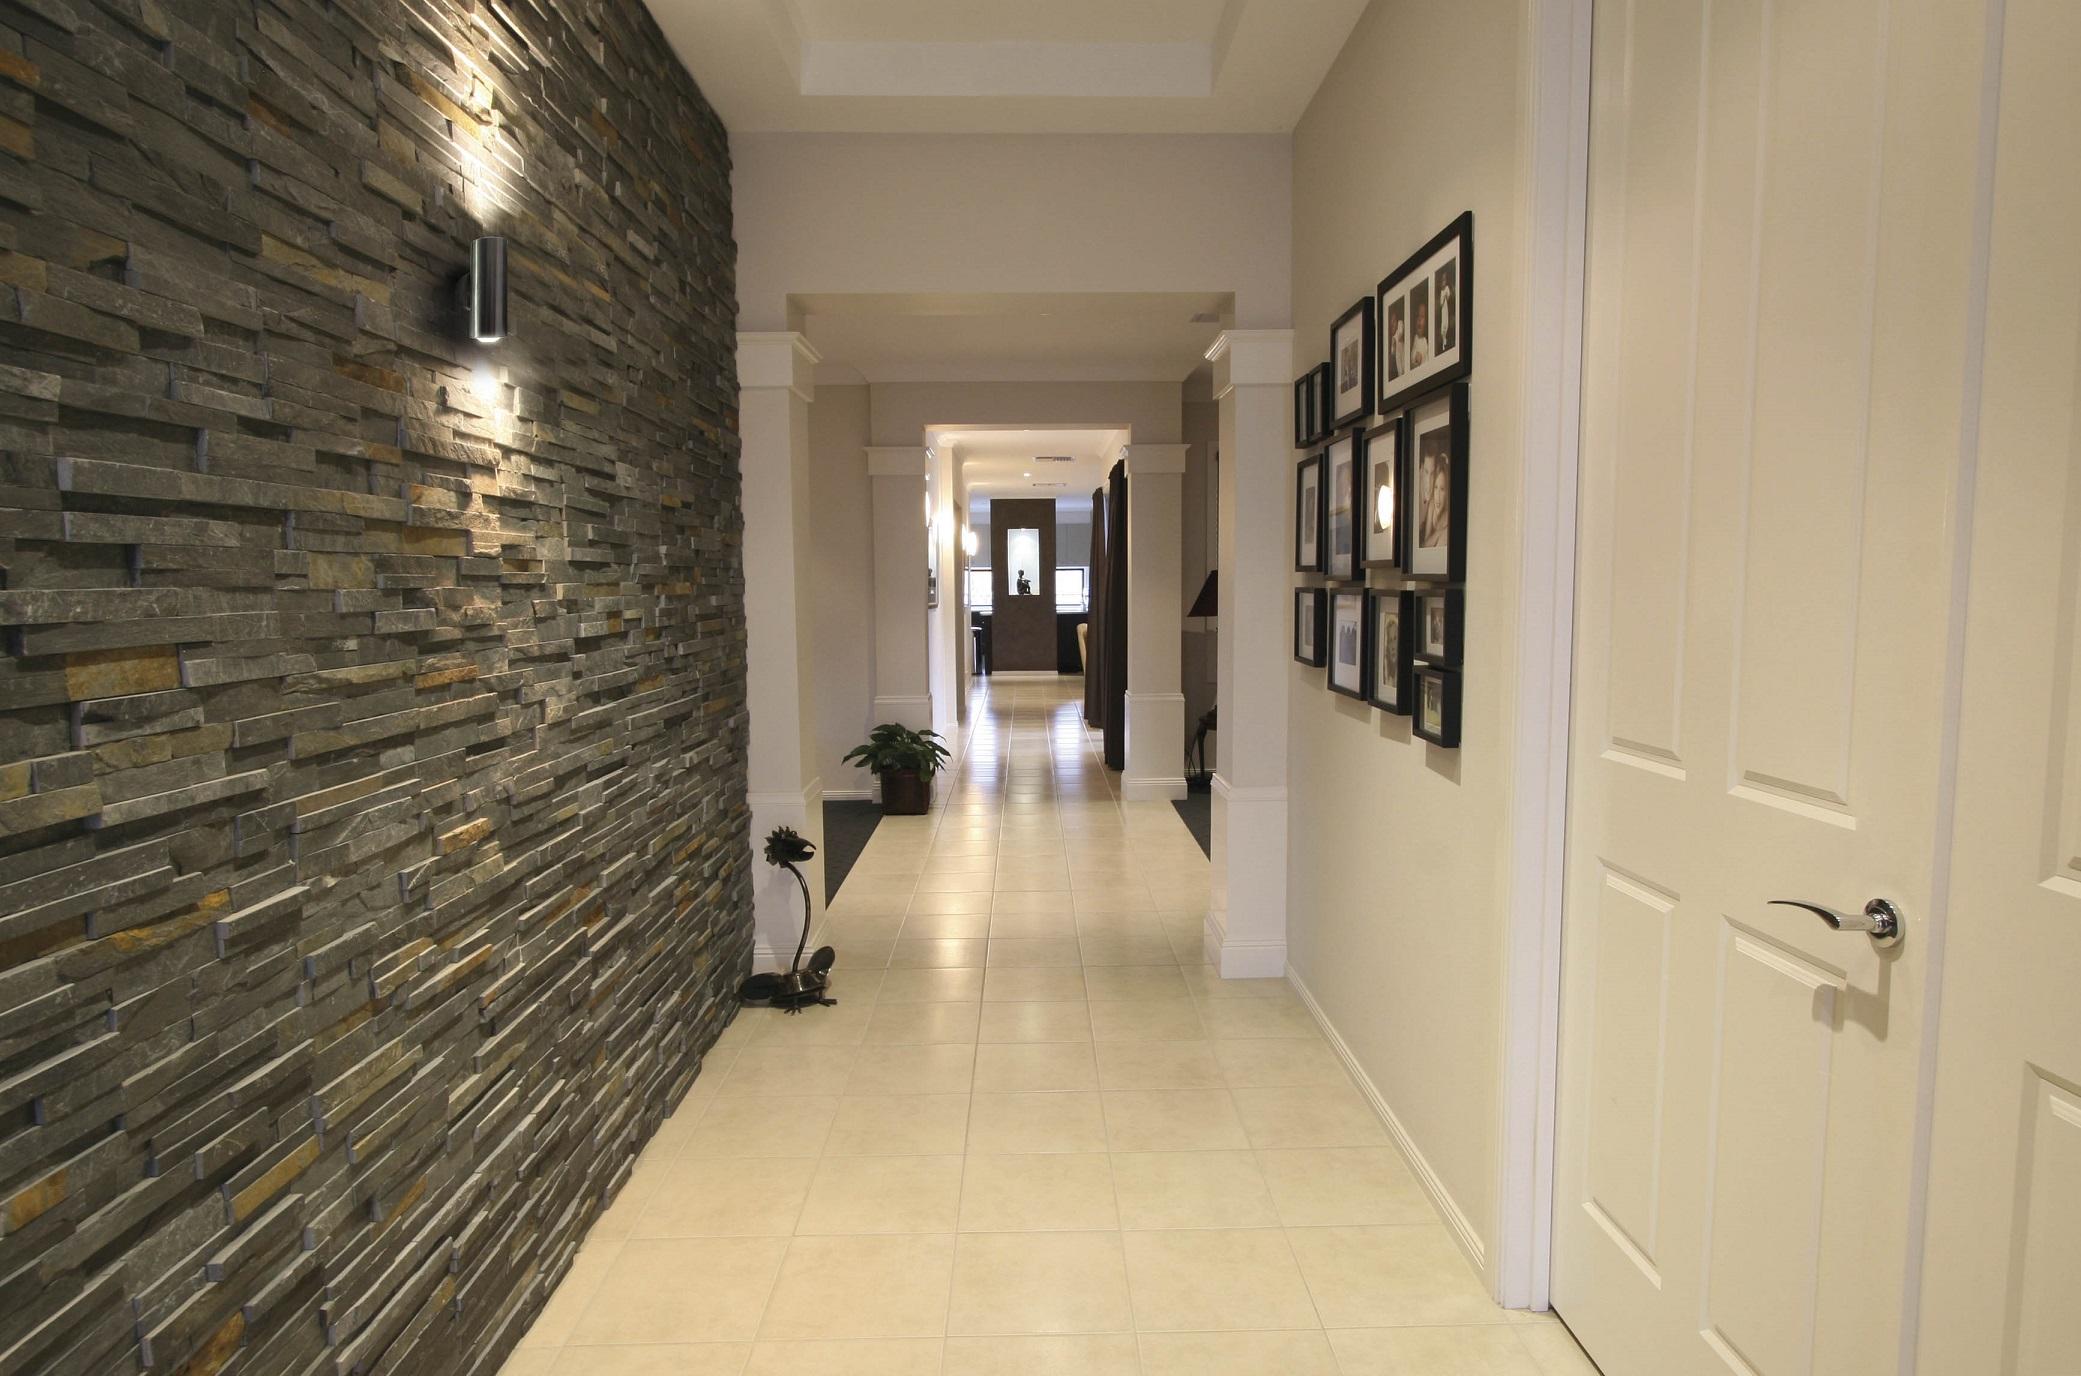 Узкий коридор: как сделать визуально больше